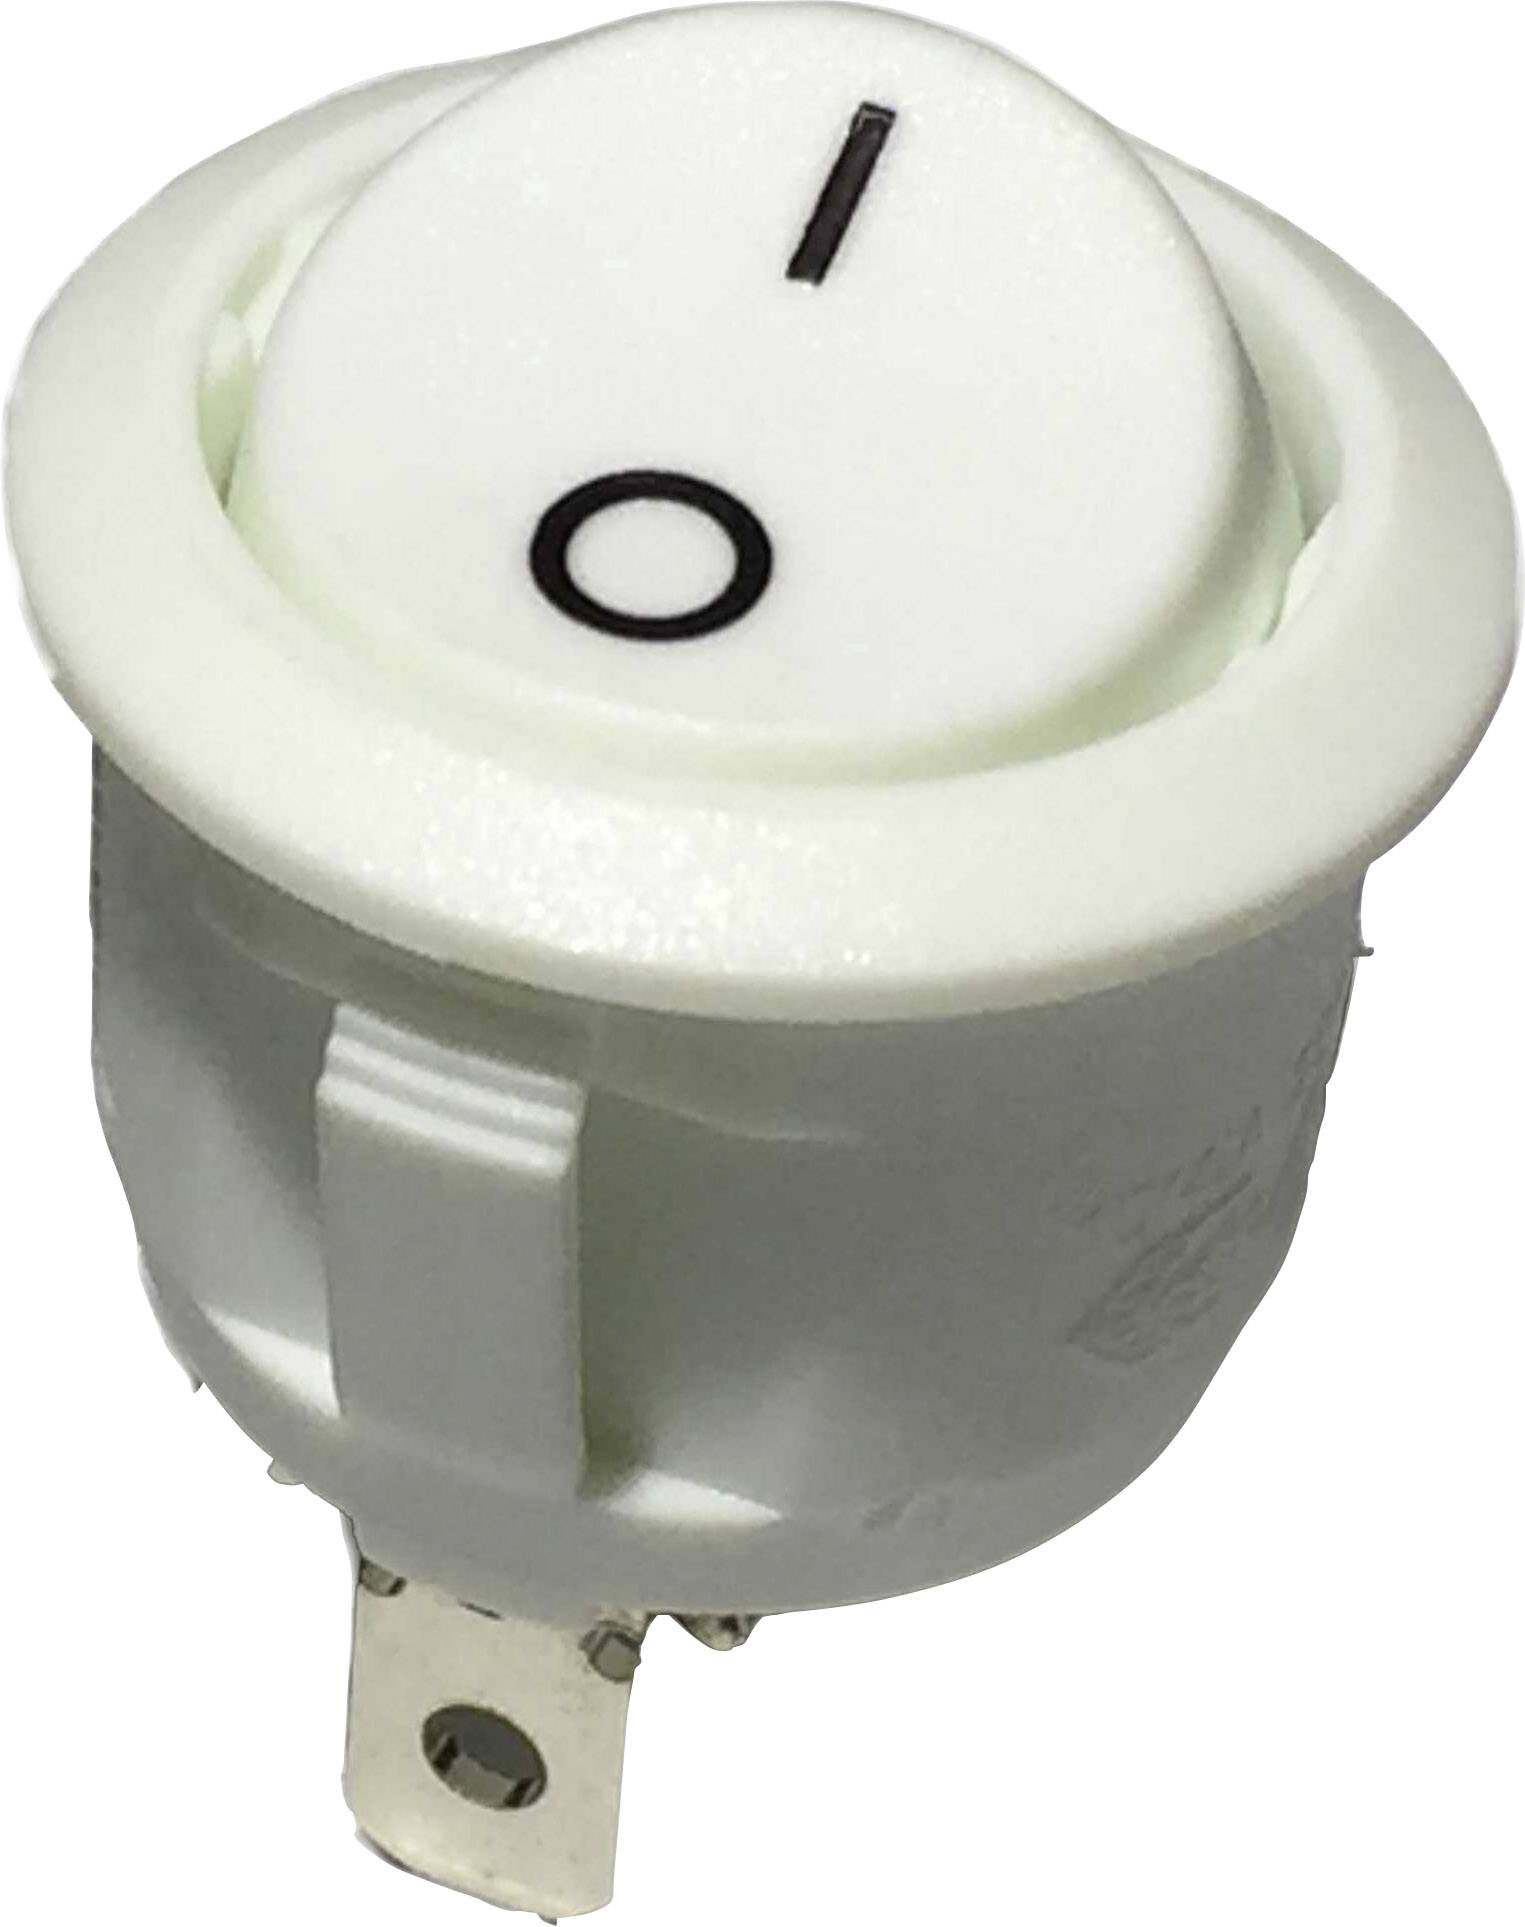 Kolébkový spínač s aretací R13-112A W/W PRINT 0/I, 250 V/AC, 6 A